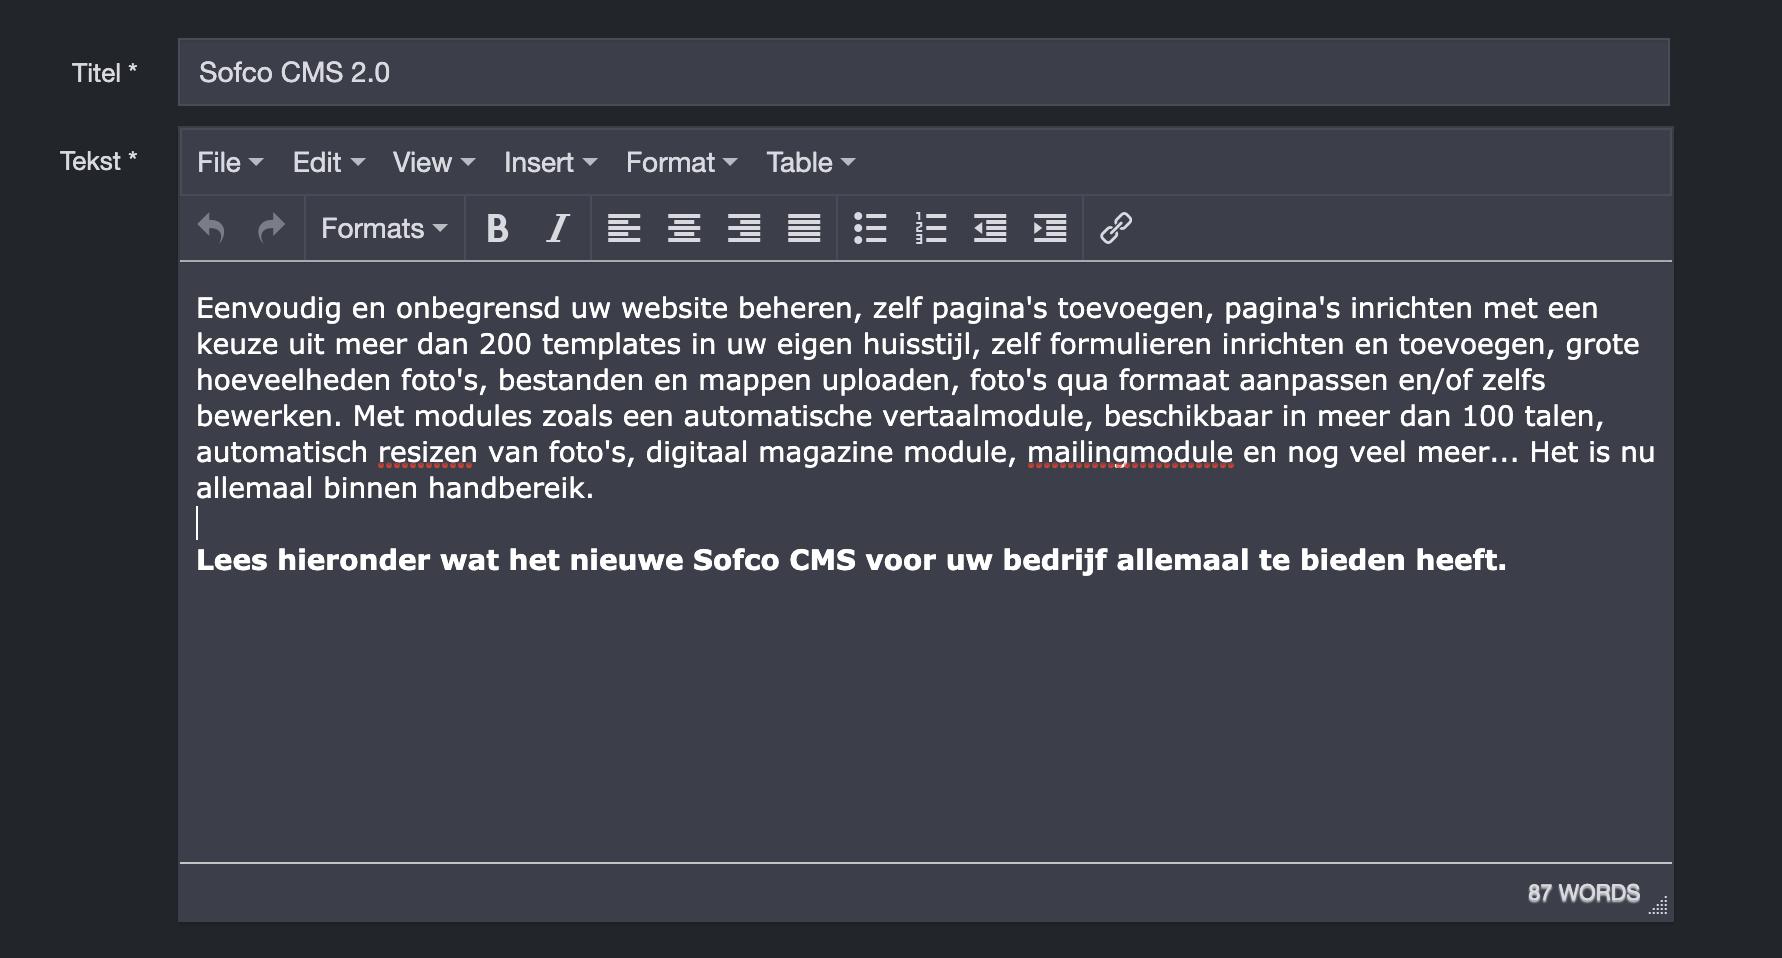 Maak prachtige inhoud met de geavanceerde tekst editor